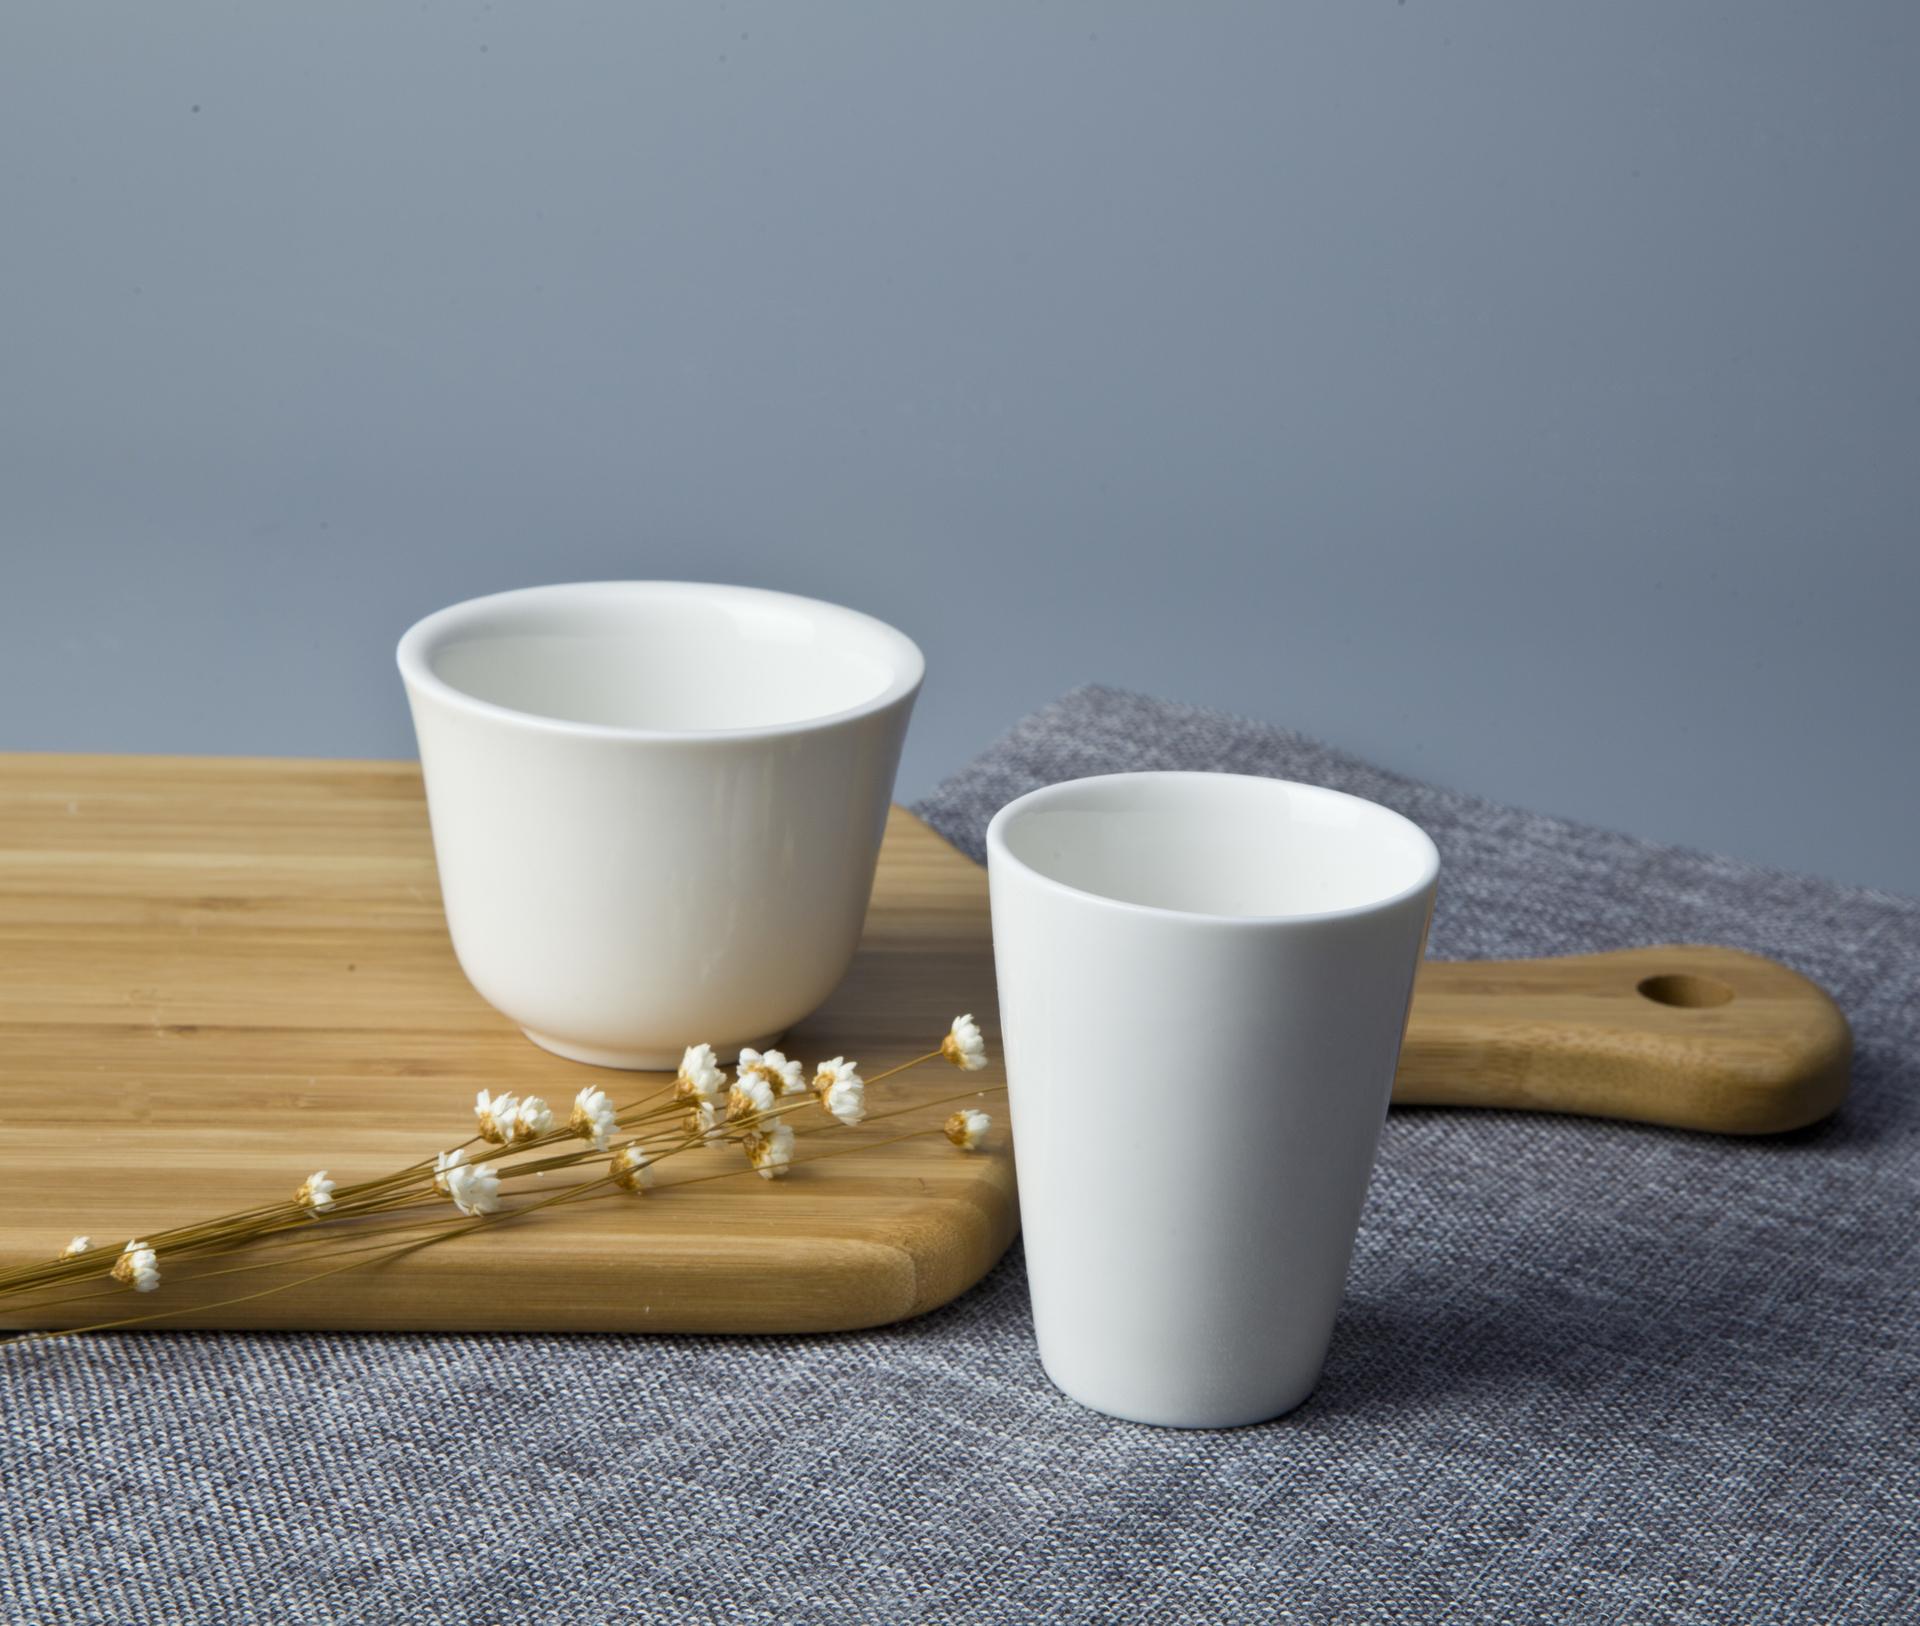 simple white banquet hall cups porcelain tea porcelain cup